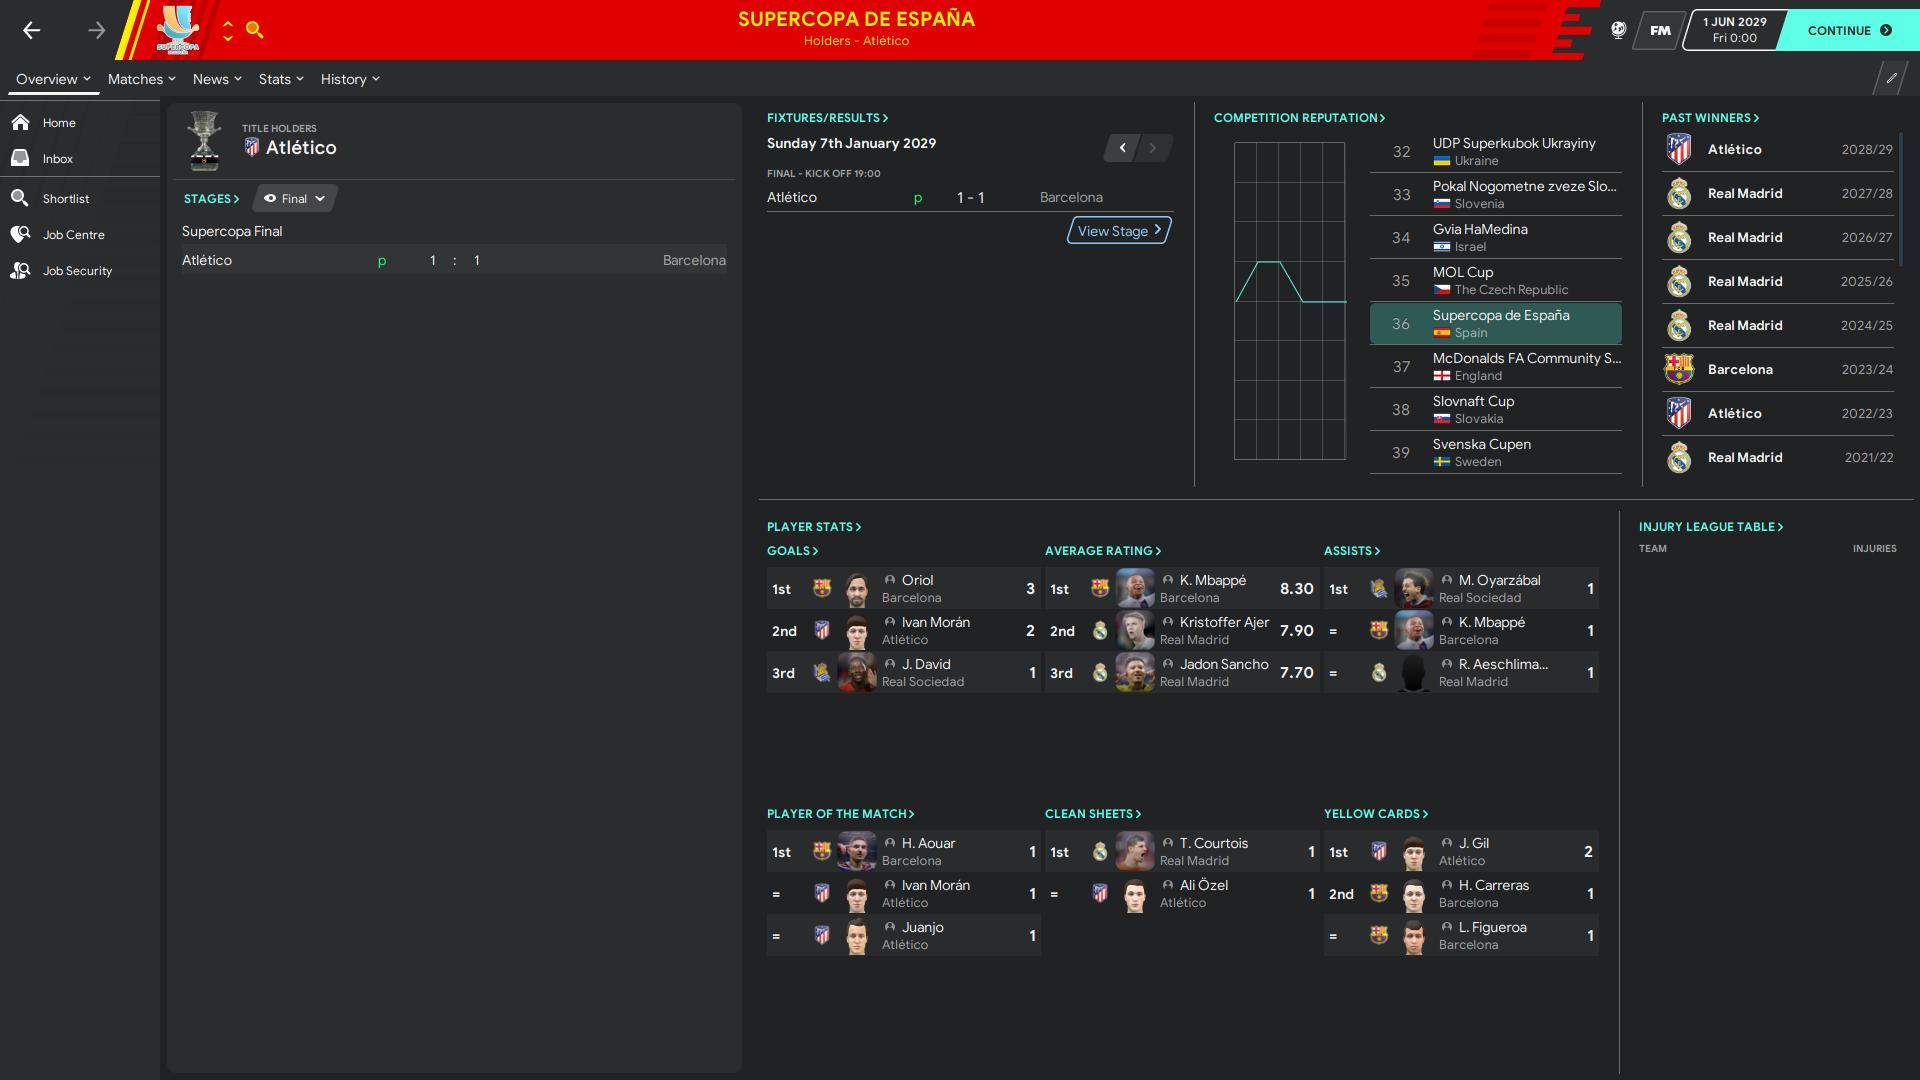 Supercopa de España_ Profile.png